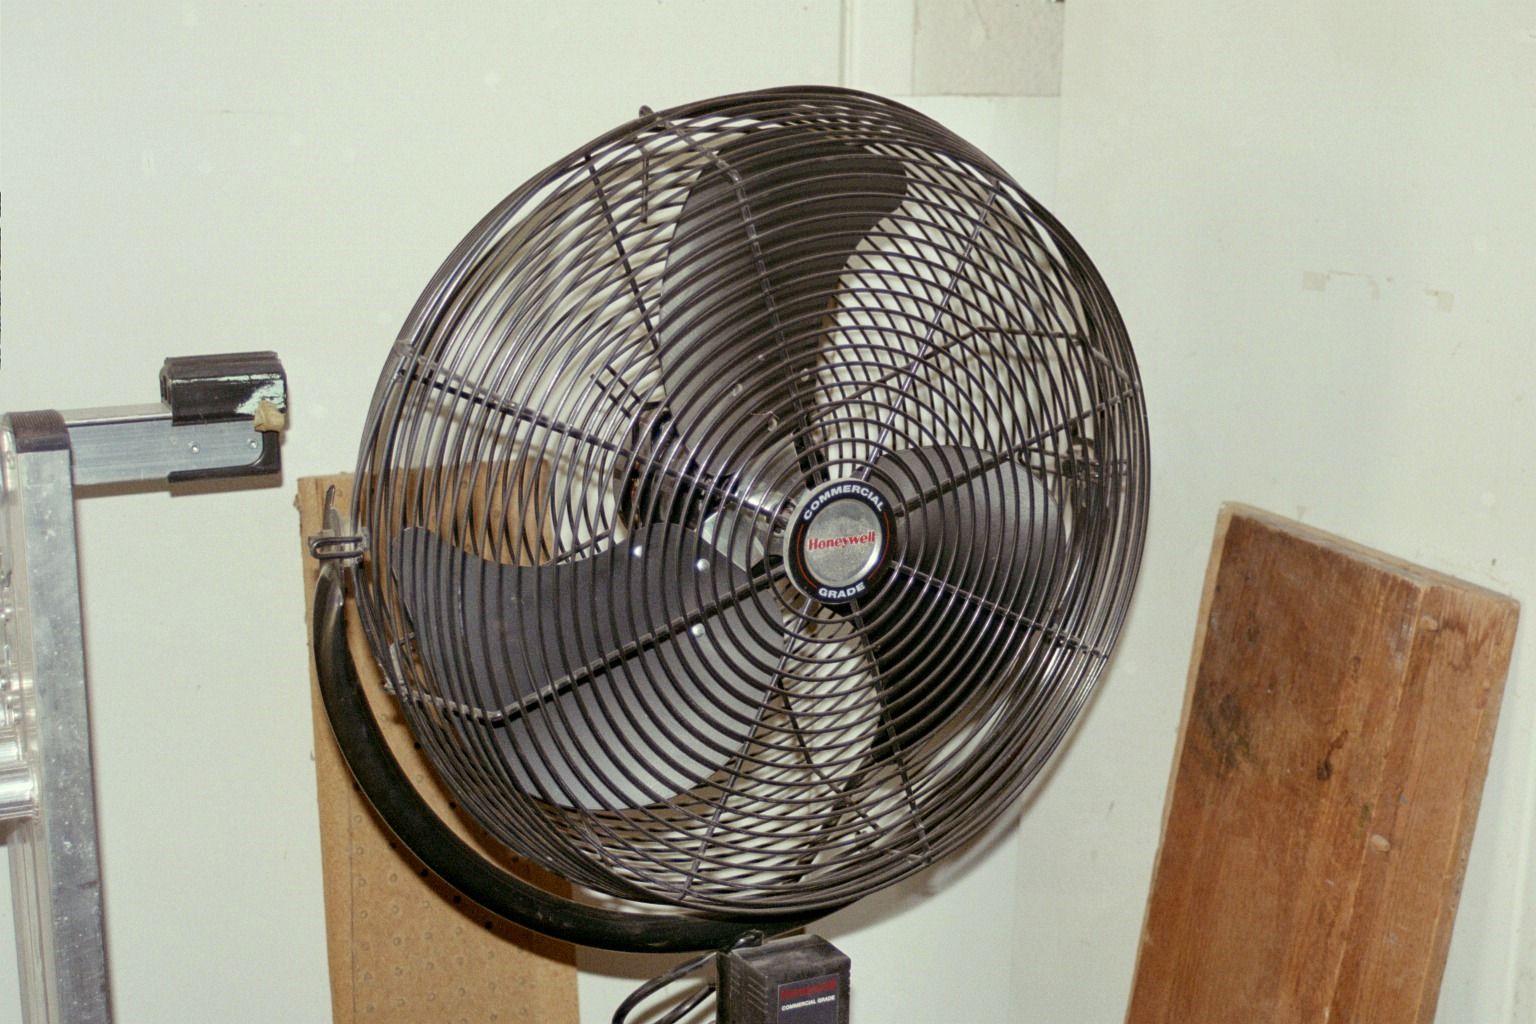 Early 1990s Honeywell Pedestal Fan Pedestal Fan Floor Fan Fan